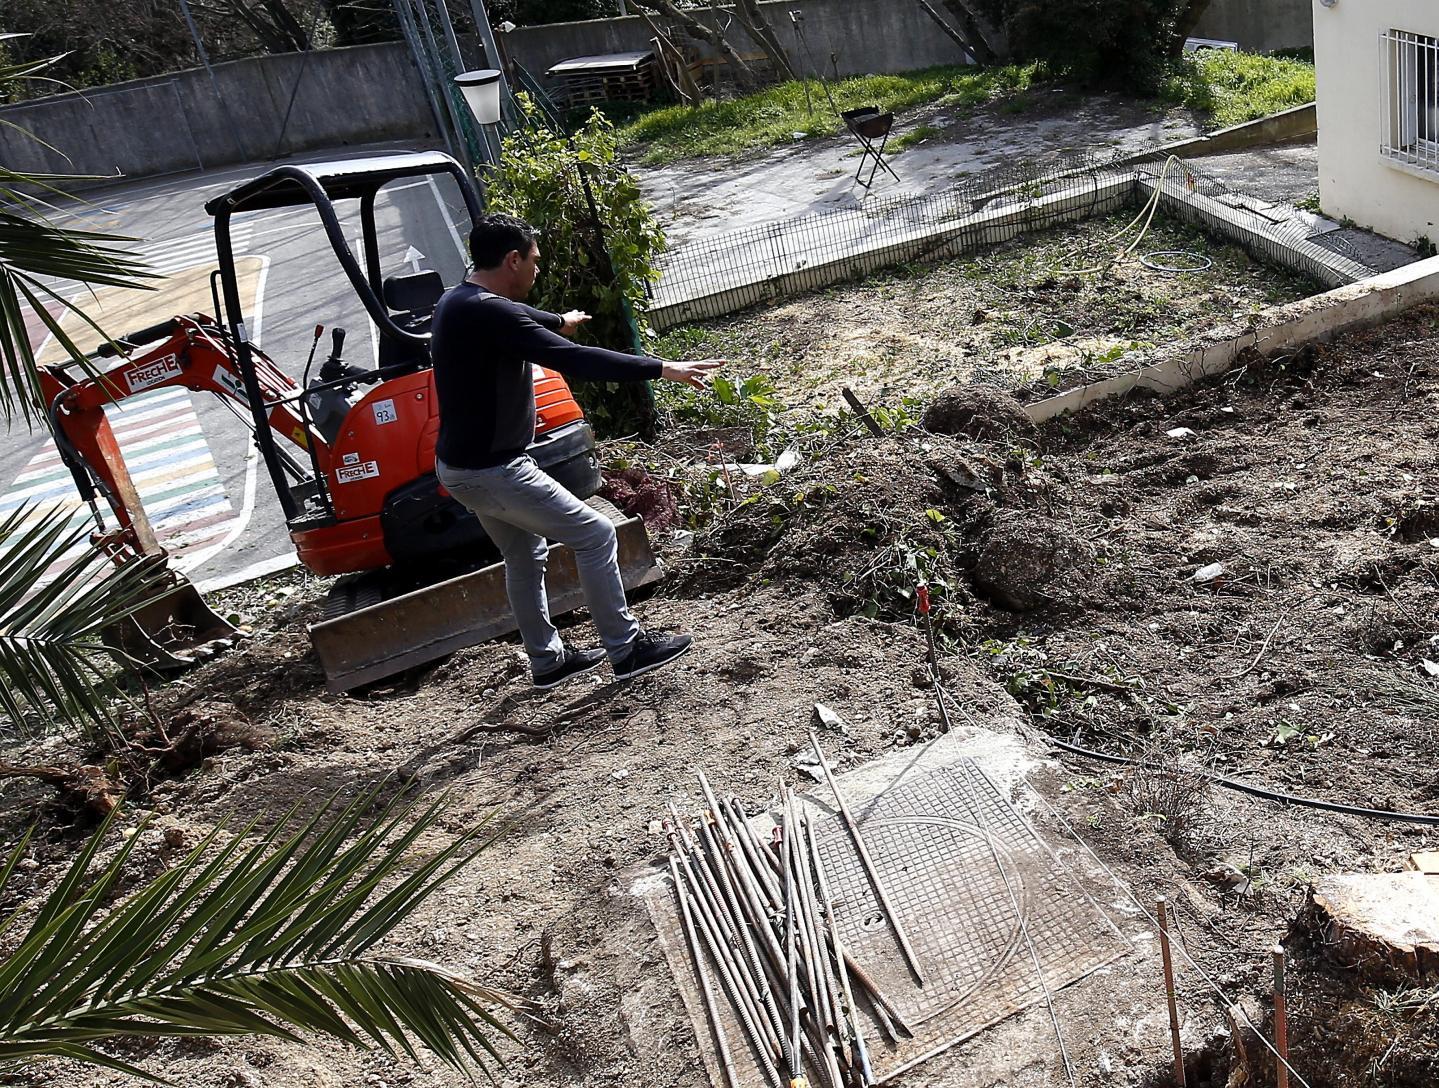 Les ouvriers d'une entreprise de terrassement sont tombés un obus en remuant la terre du futur potager de l'école primaire de La Beaucaire.